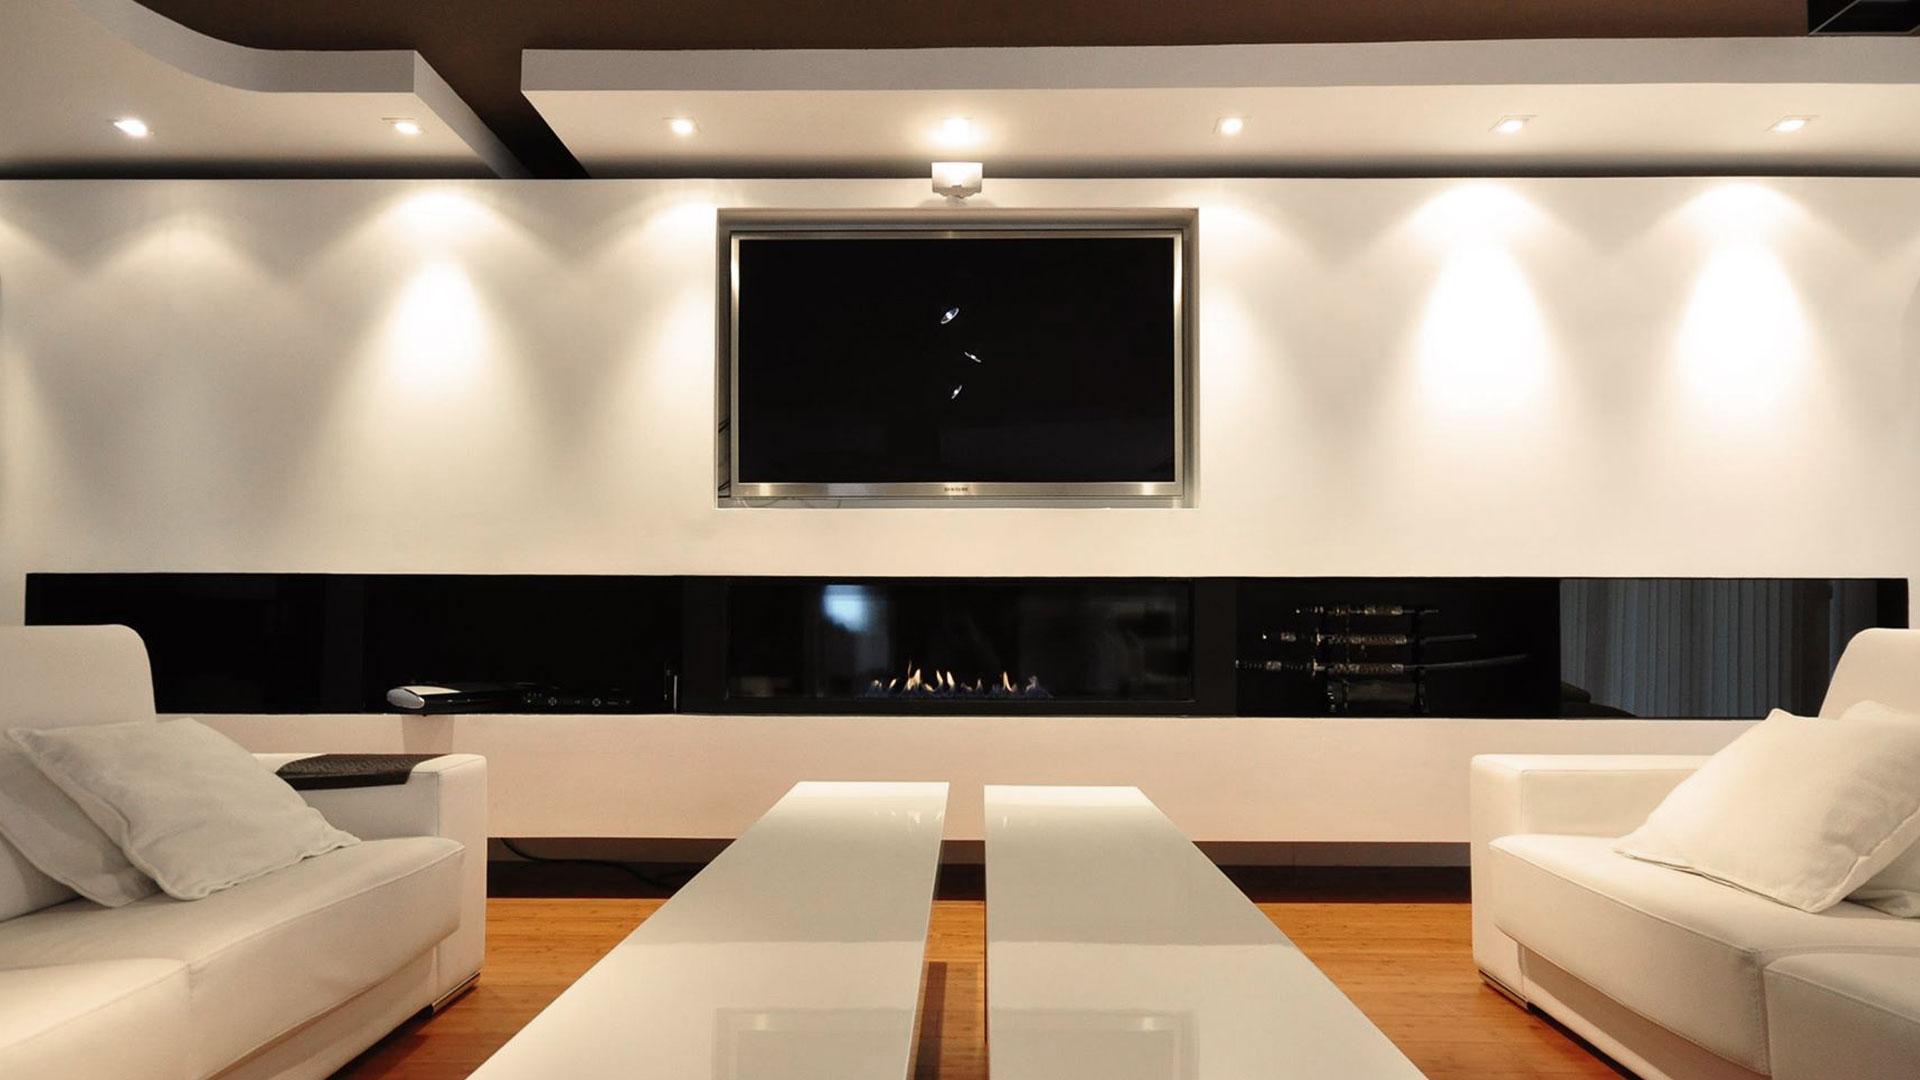 Dise adores de interior en madrid decoraci n estudio for Estudios de interiorismo madrid